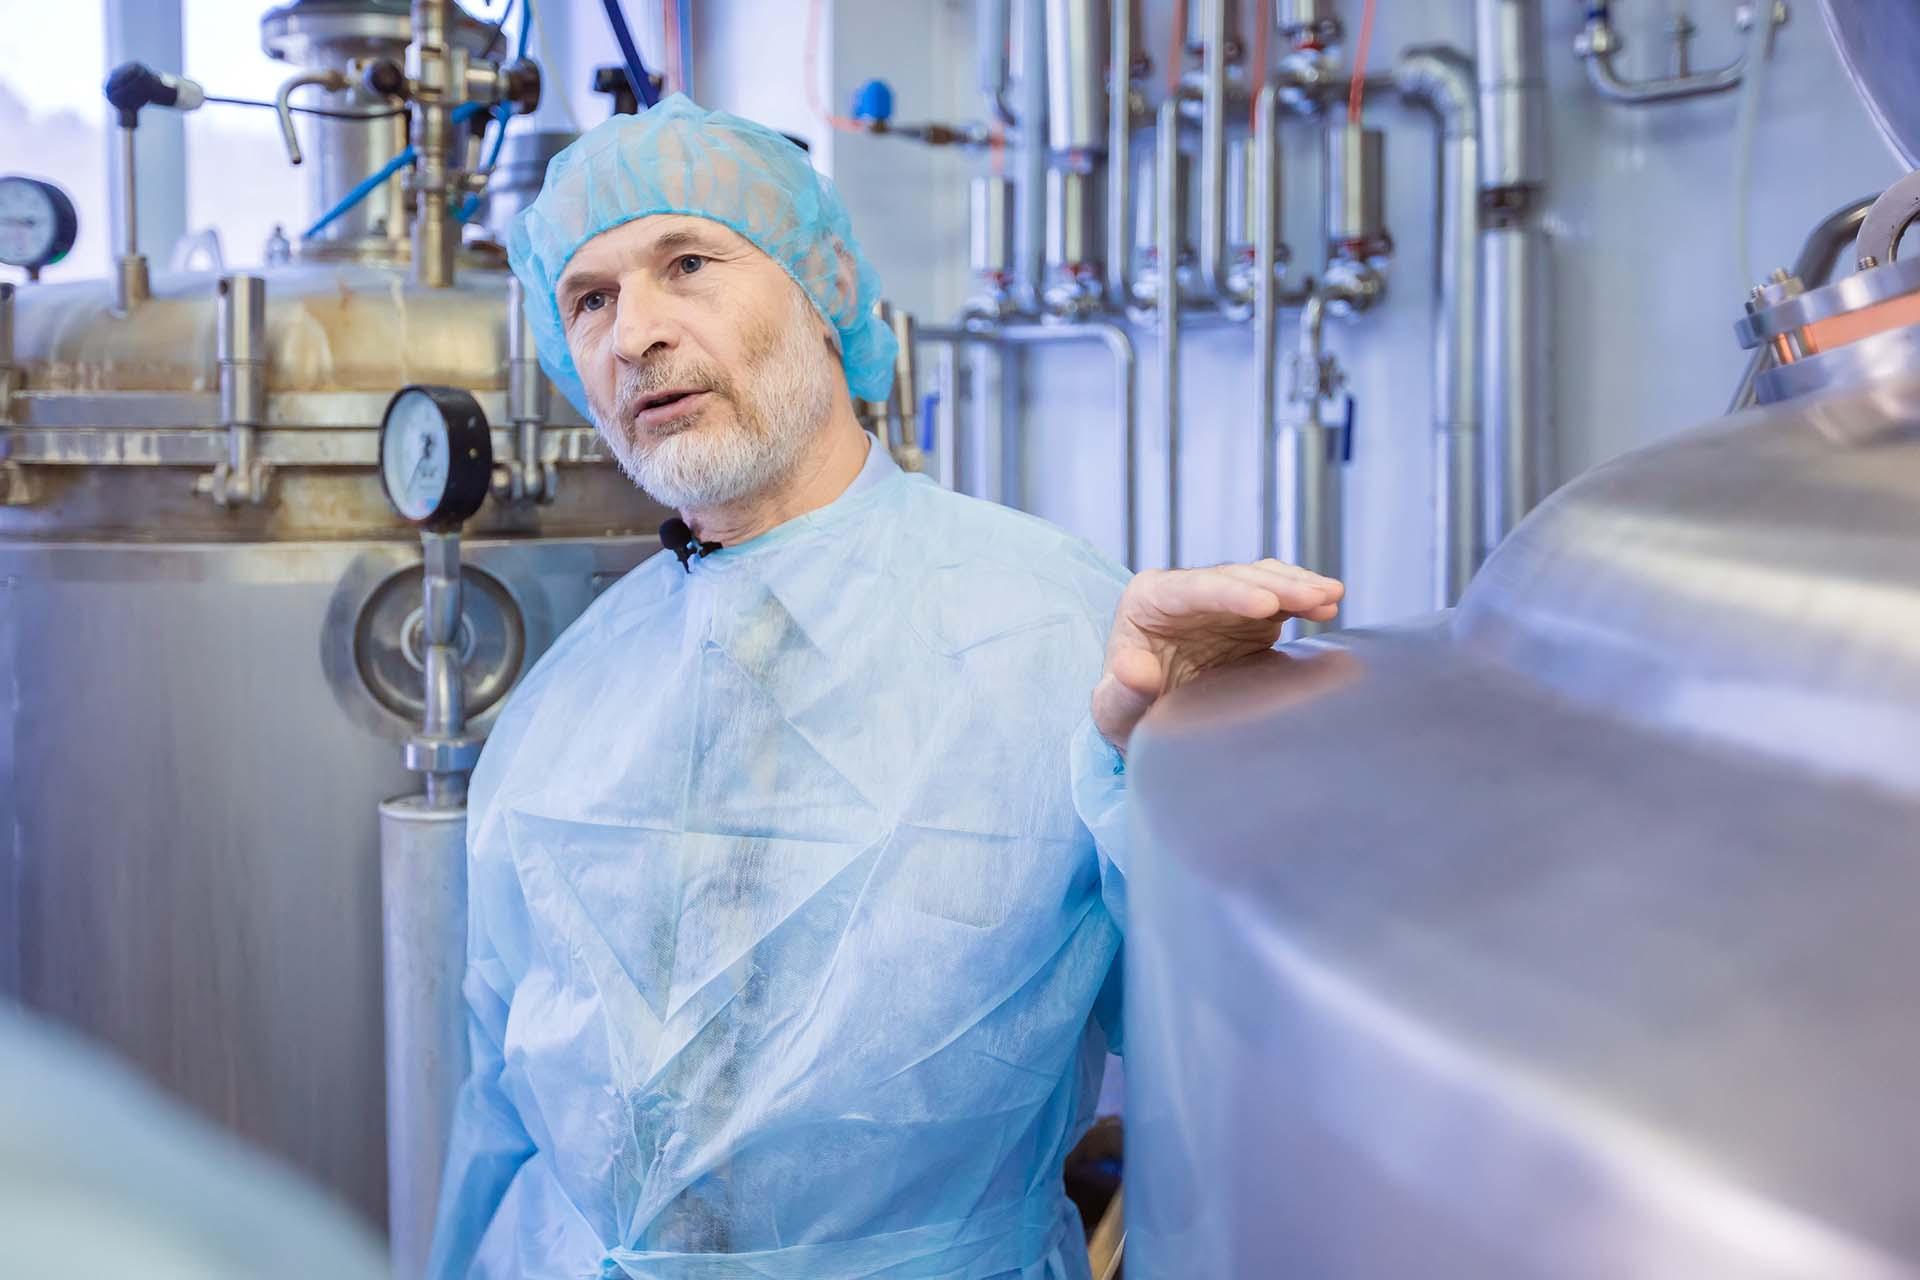 «Здоровый бизнес»: как развивается тренд на ЗОЖ и можно ли на нем заработать